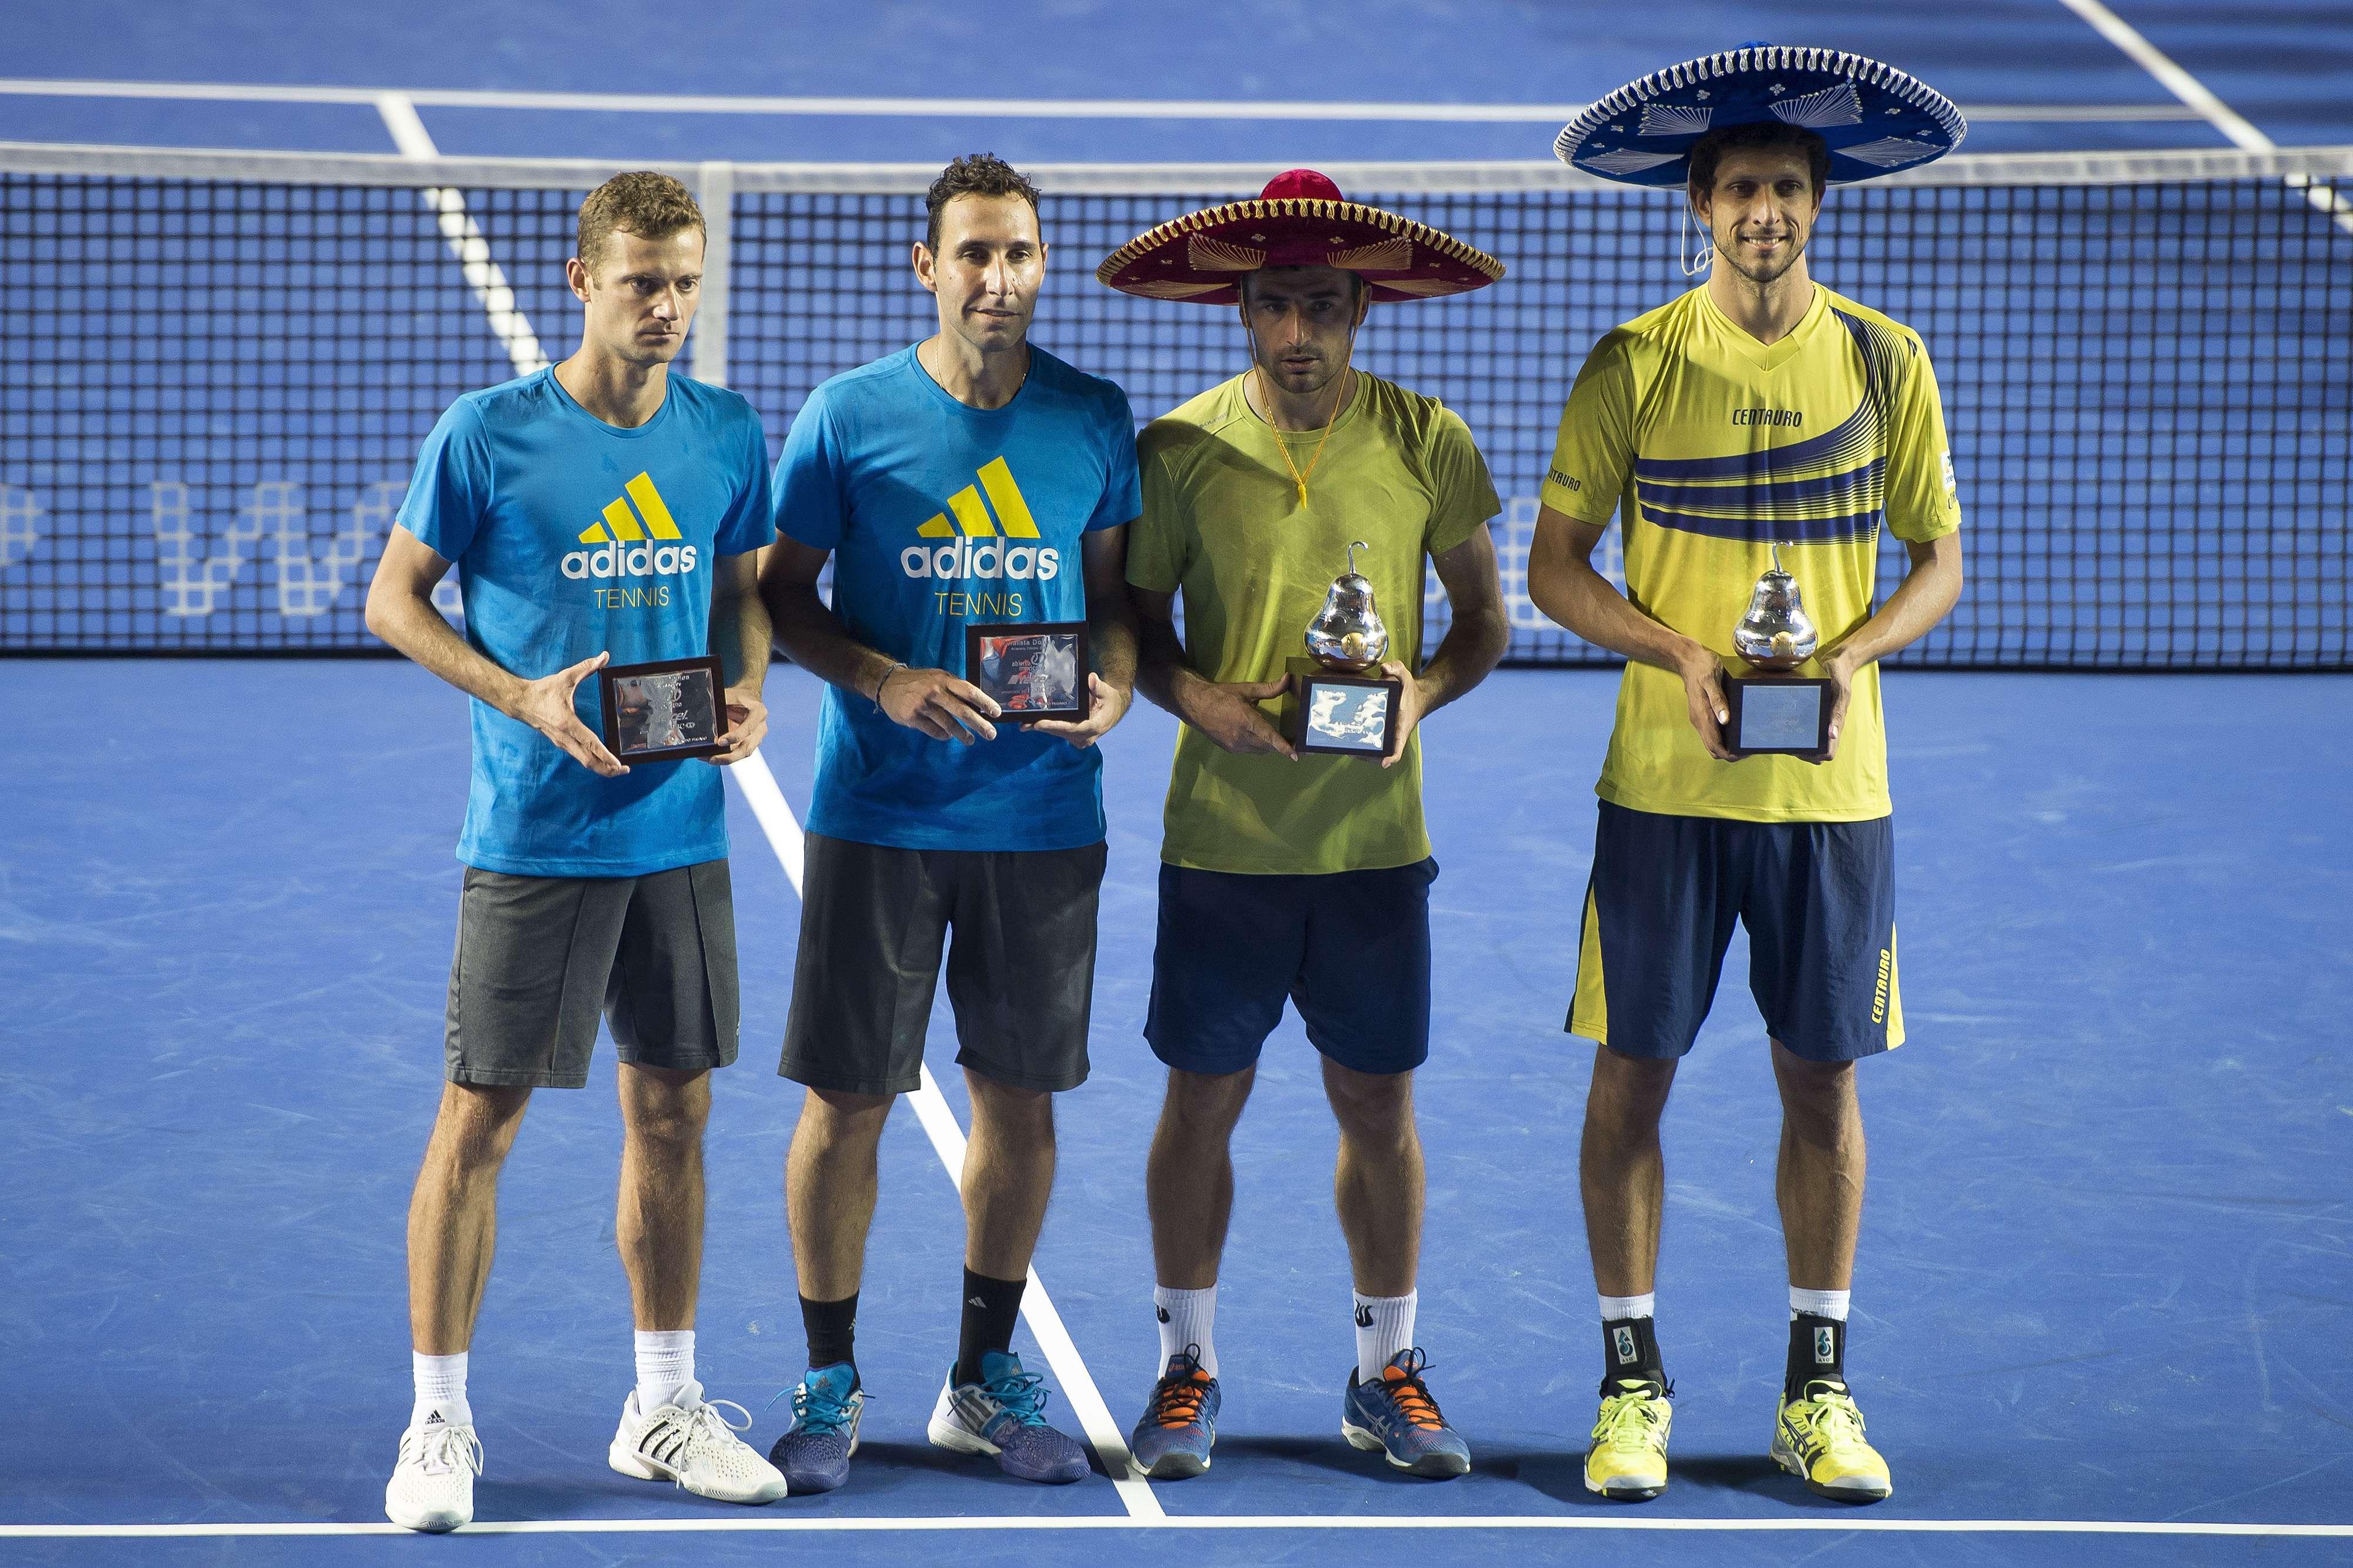 Premiación de los campeones y subcampeones en dobles varonil del Abierto Mexicano de Tenis Foto: Mexsports